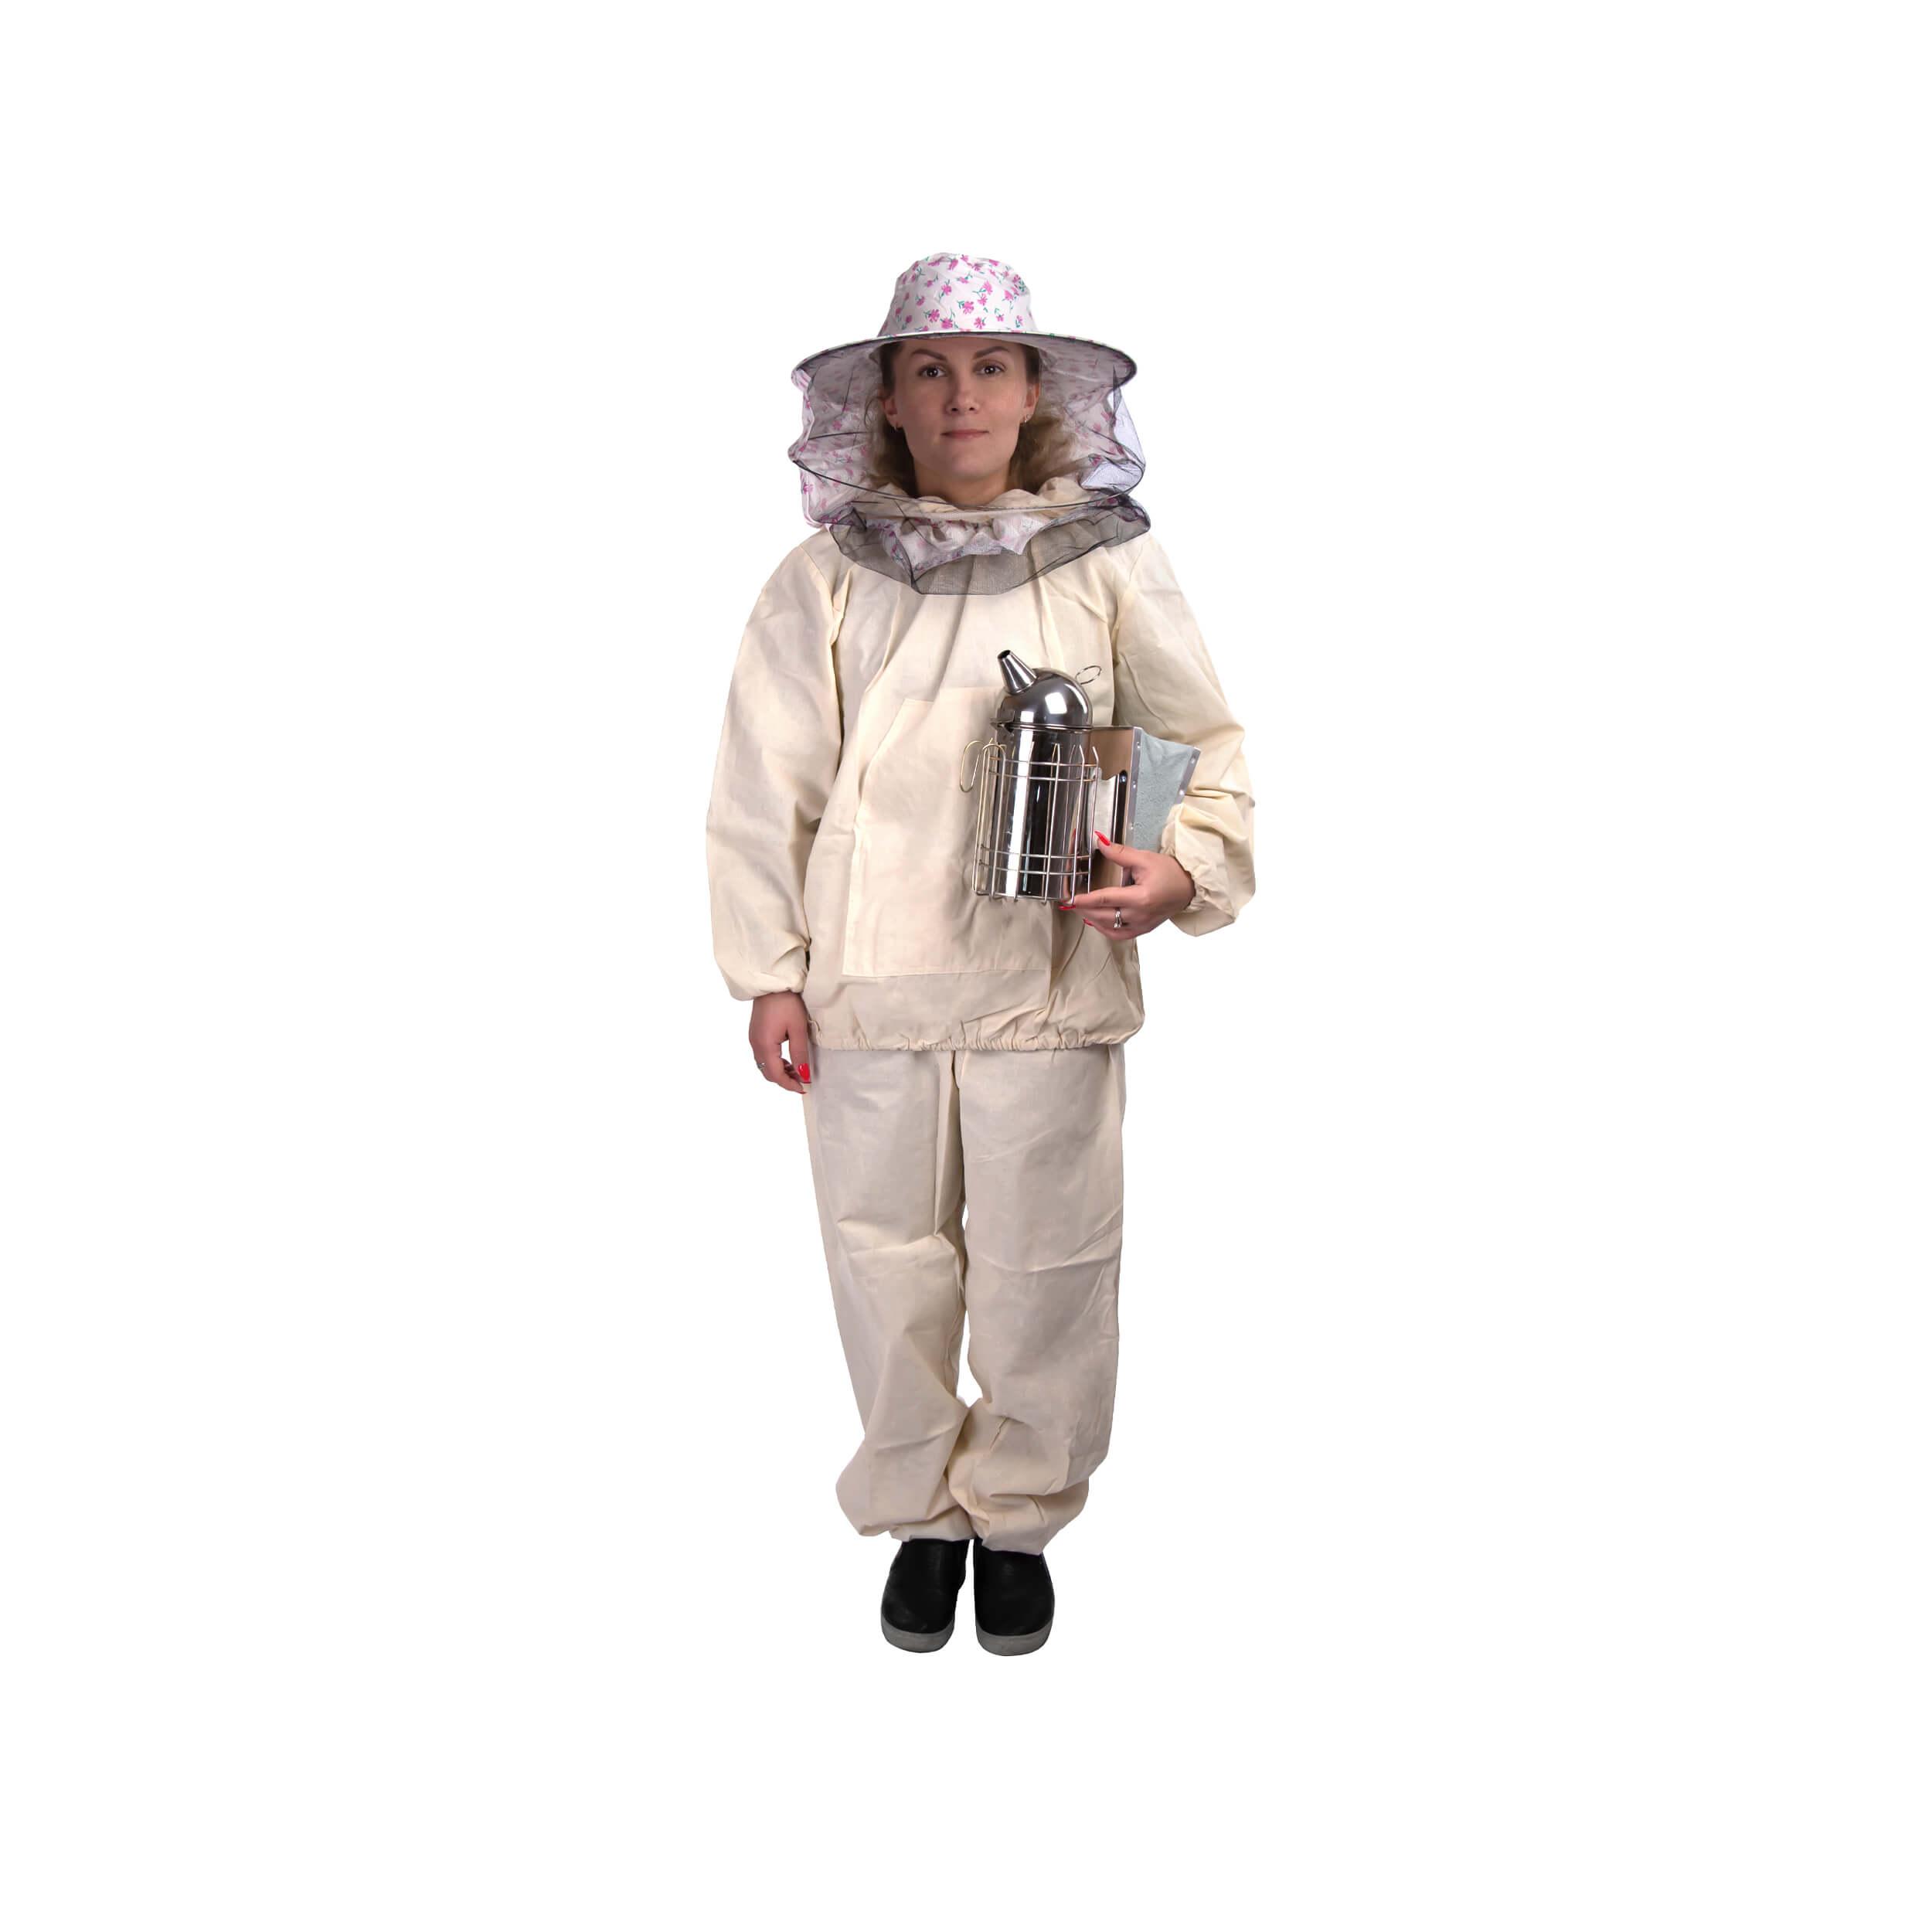 Костюм пчеловода детский плотный (38-40 размер) + лицевая сетка (рост 138-140) фото